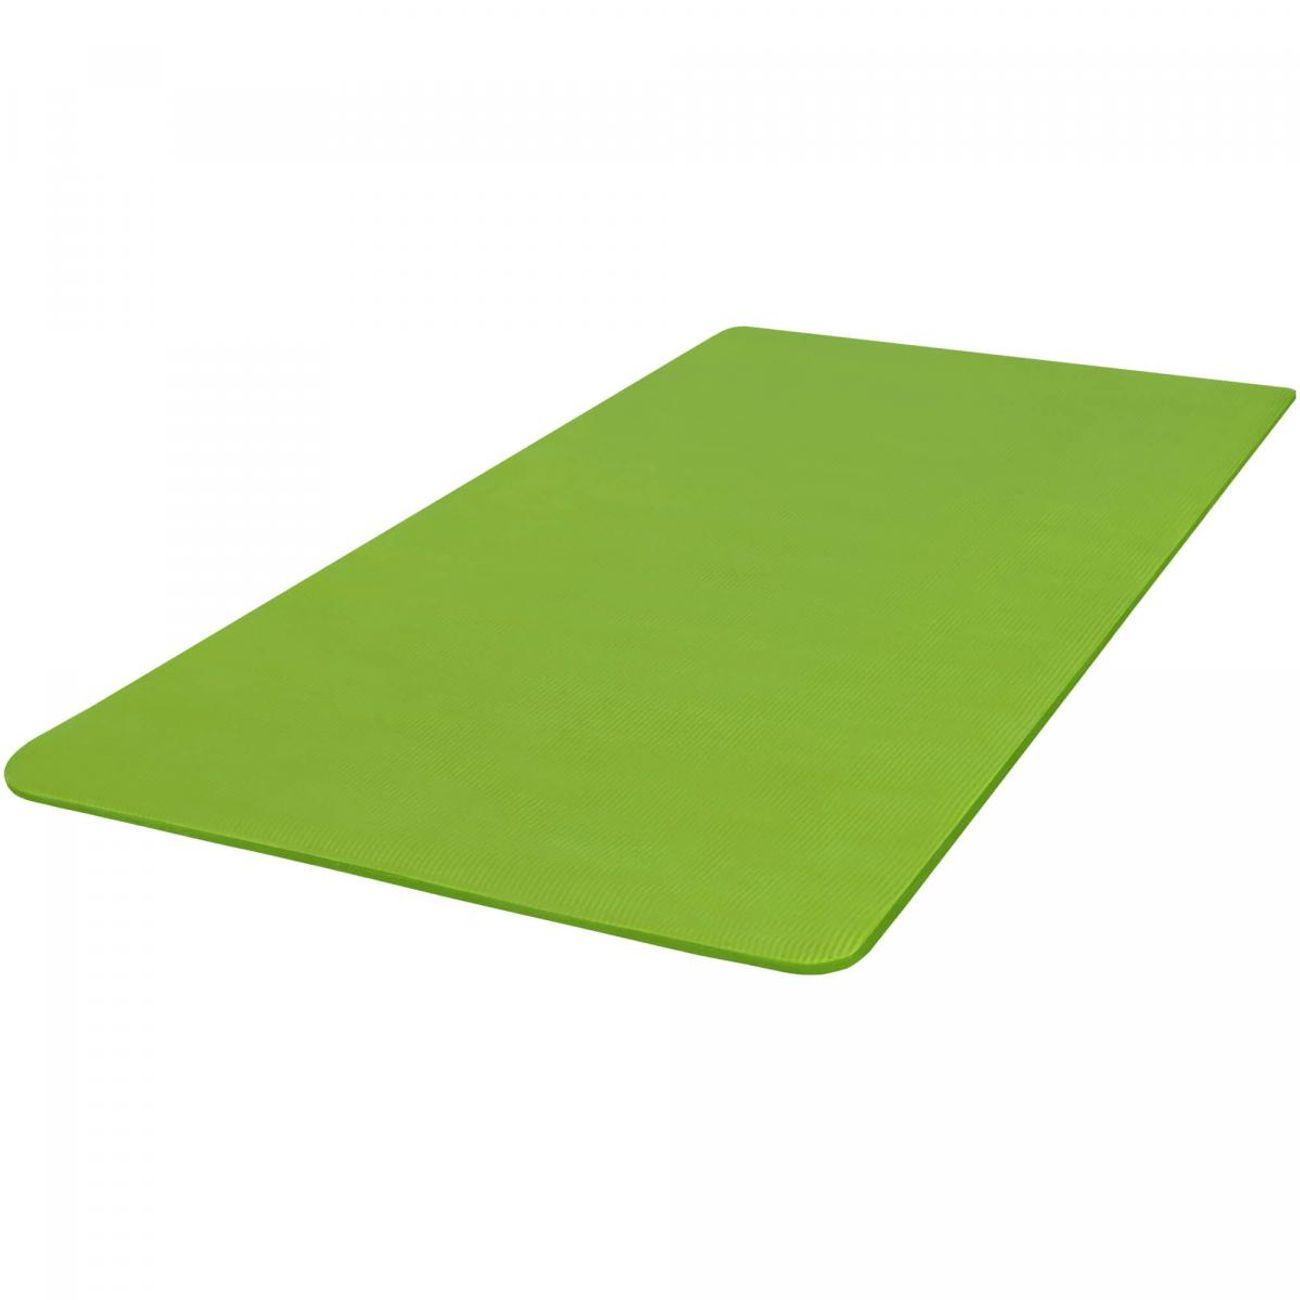 Yoga  GORILLA Gorilla Sports - Tapis en mousse pour le sport à domicile XL